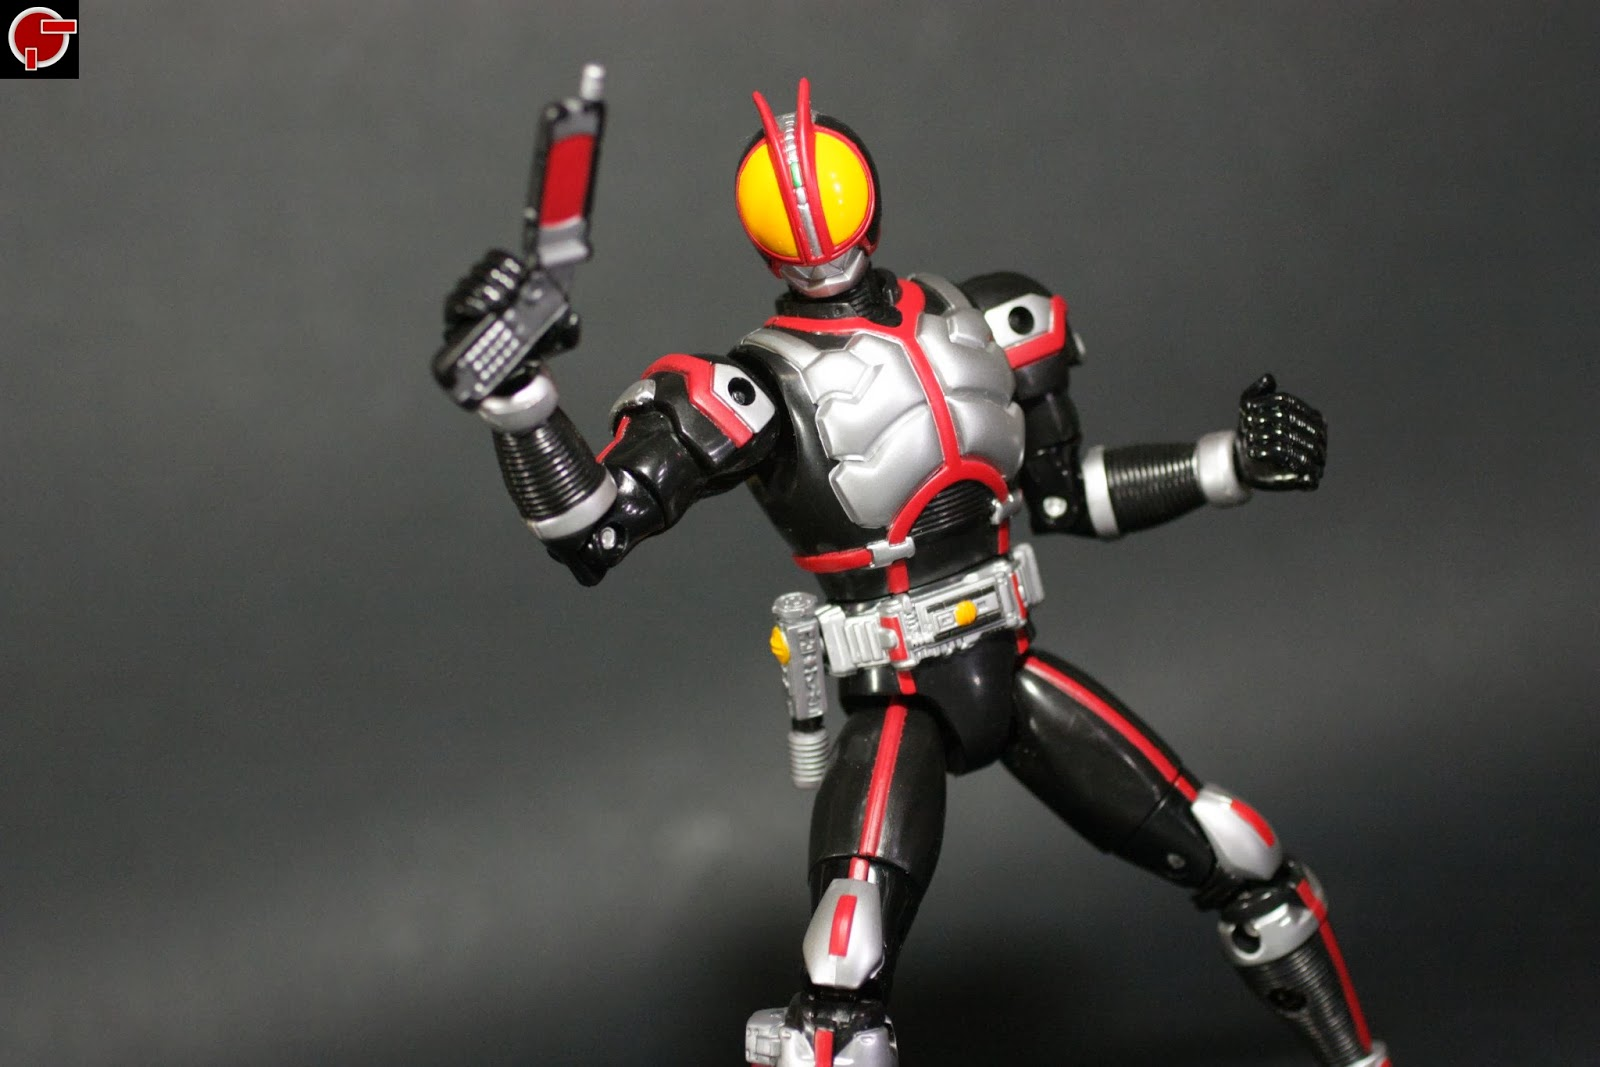 Kamen Rider Faiz Toys 21